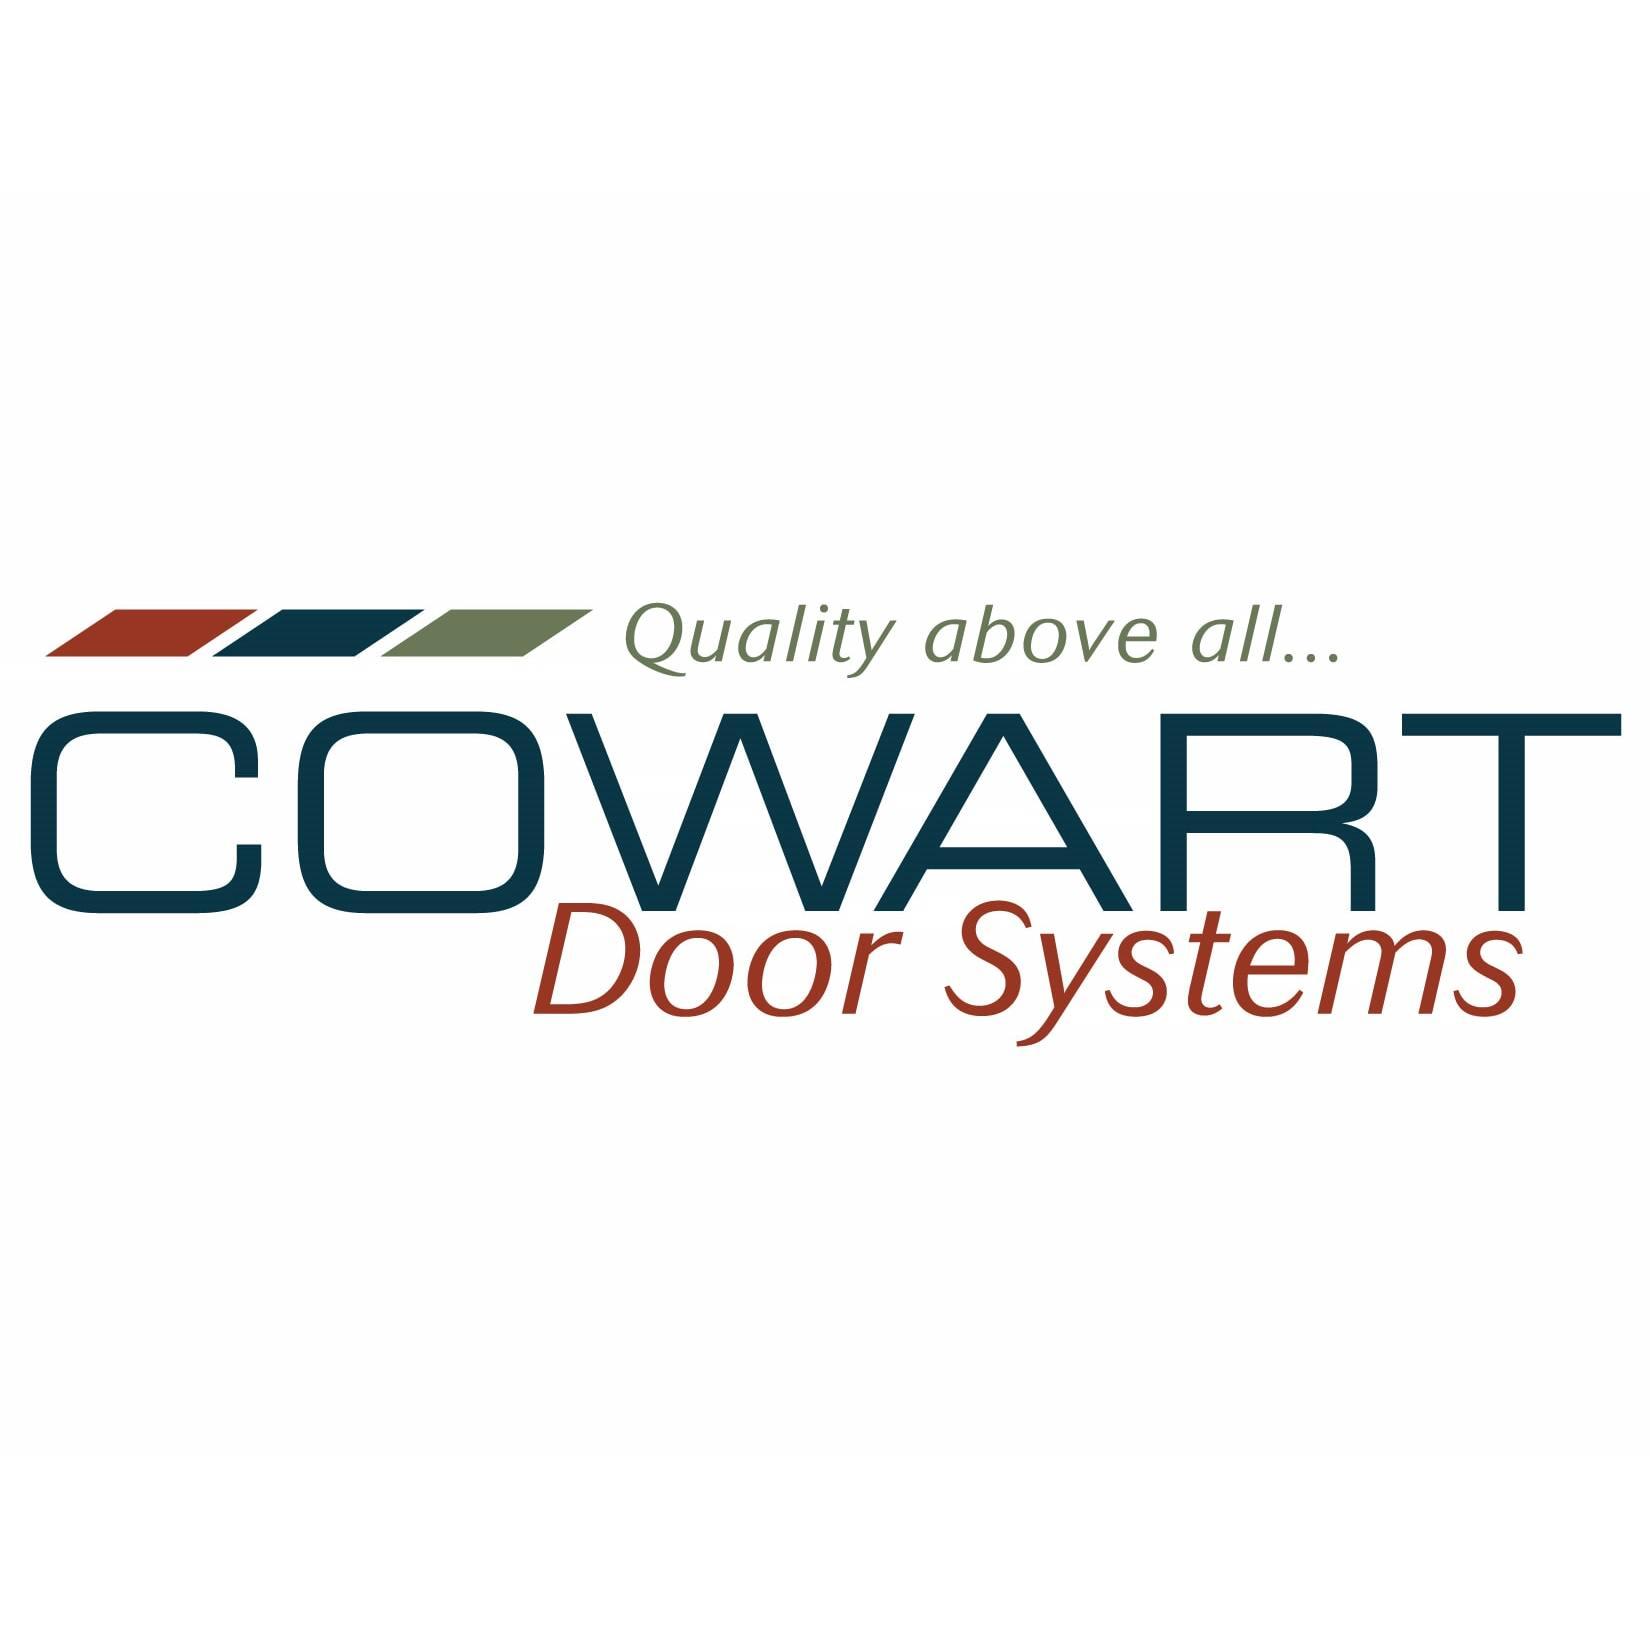 Cowart Door Systems